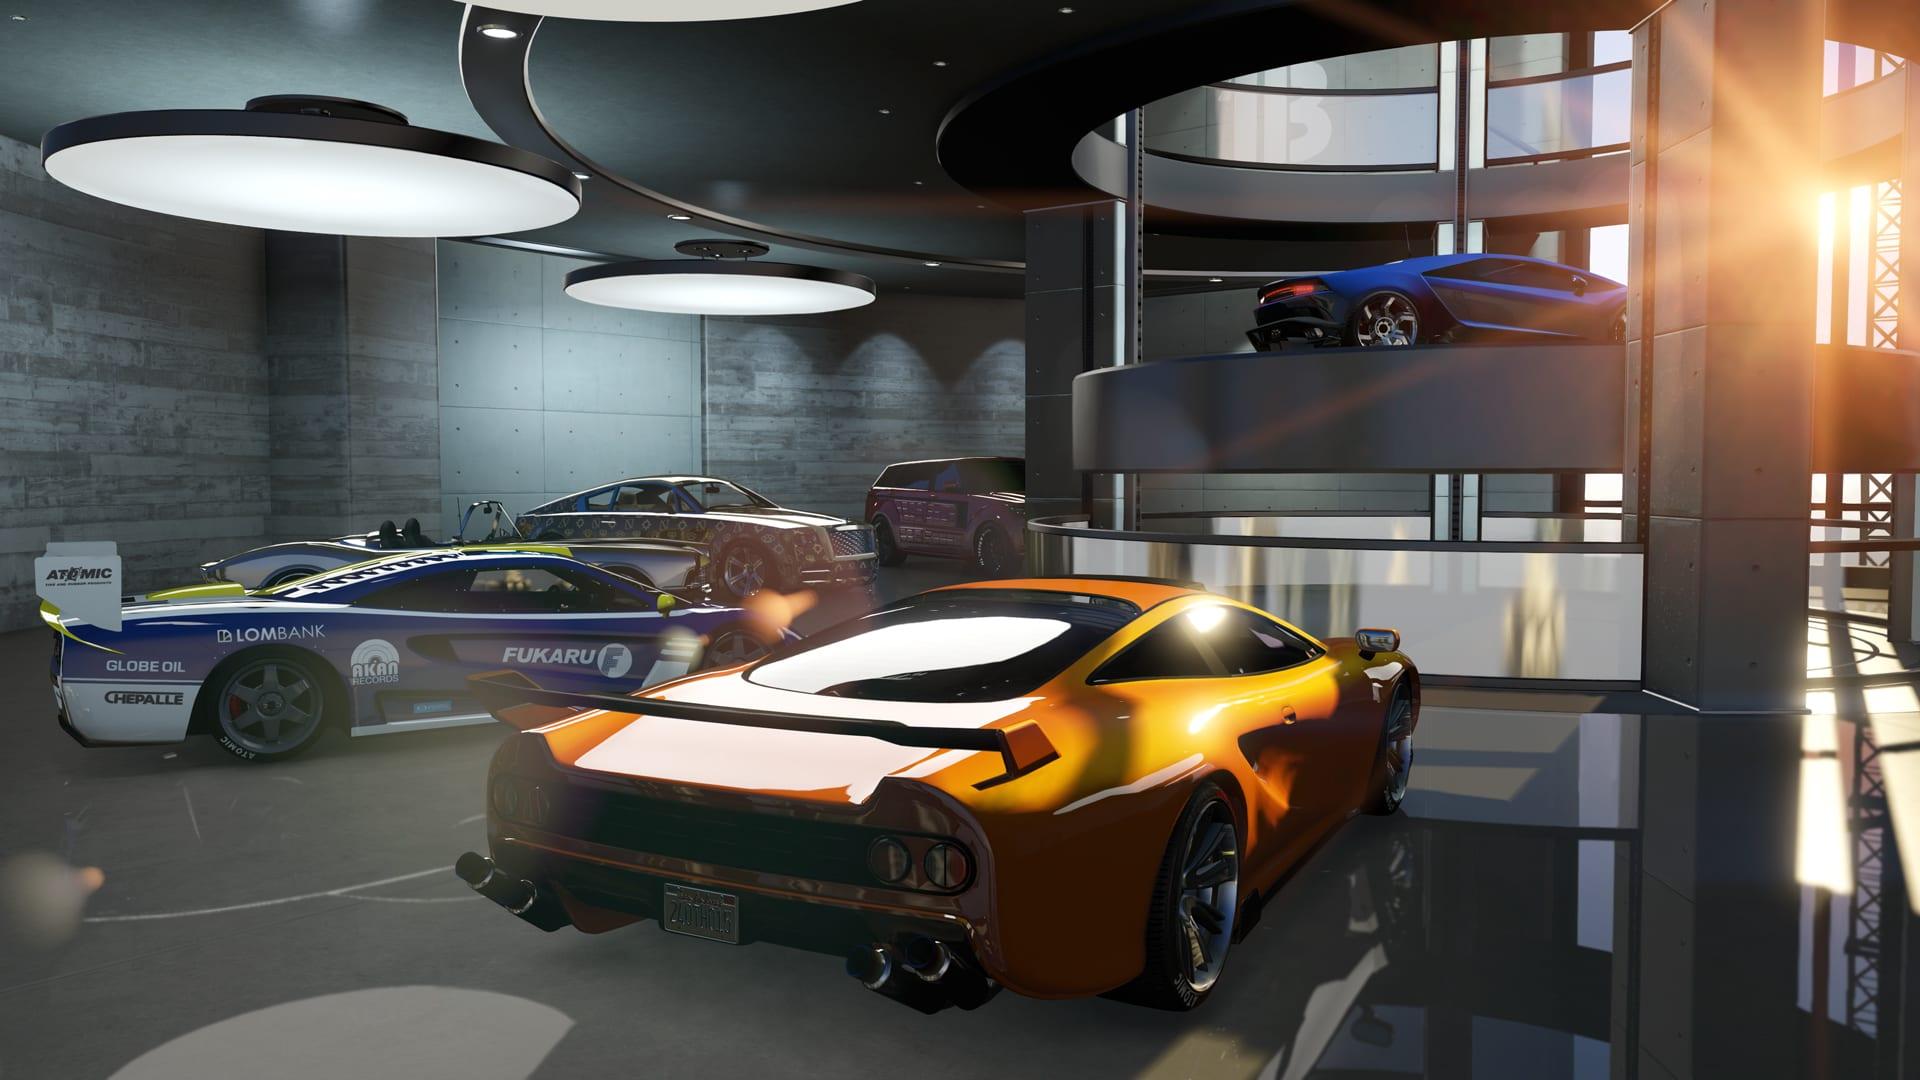 Nästa uppdatering låter dig spara 60 fordon i GTA Online-garaget